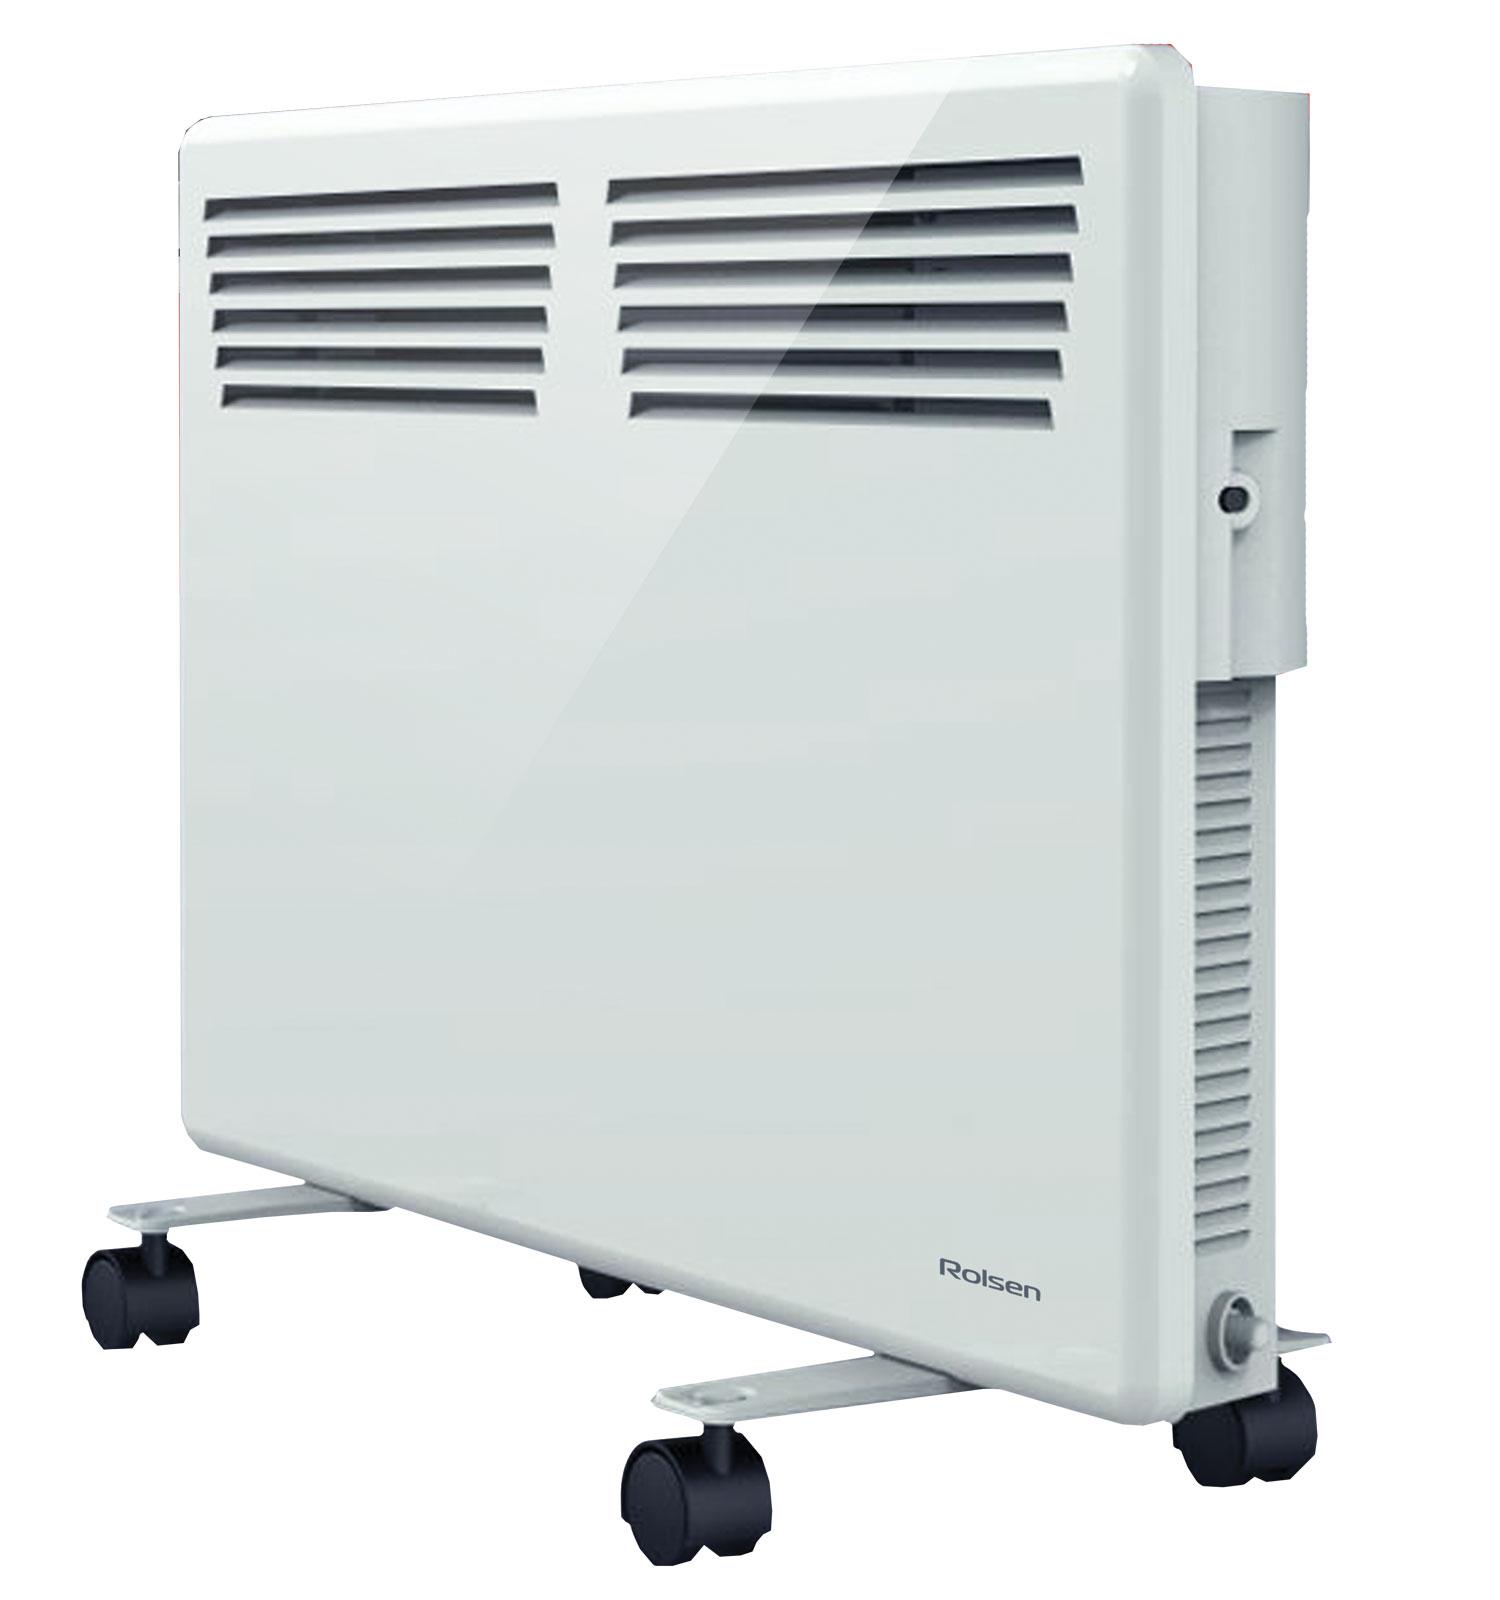 Конвектор dantex sdc4-10 - купить | цены | обзоры и тесты | отзывы | параметры и характеристики | инструкция